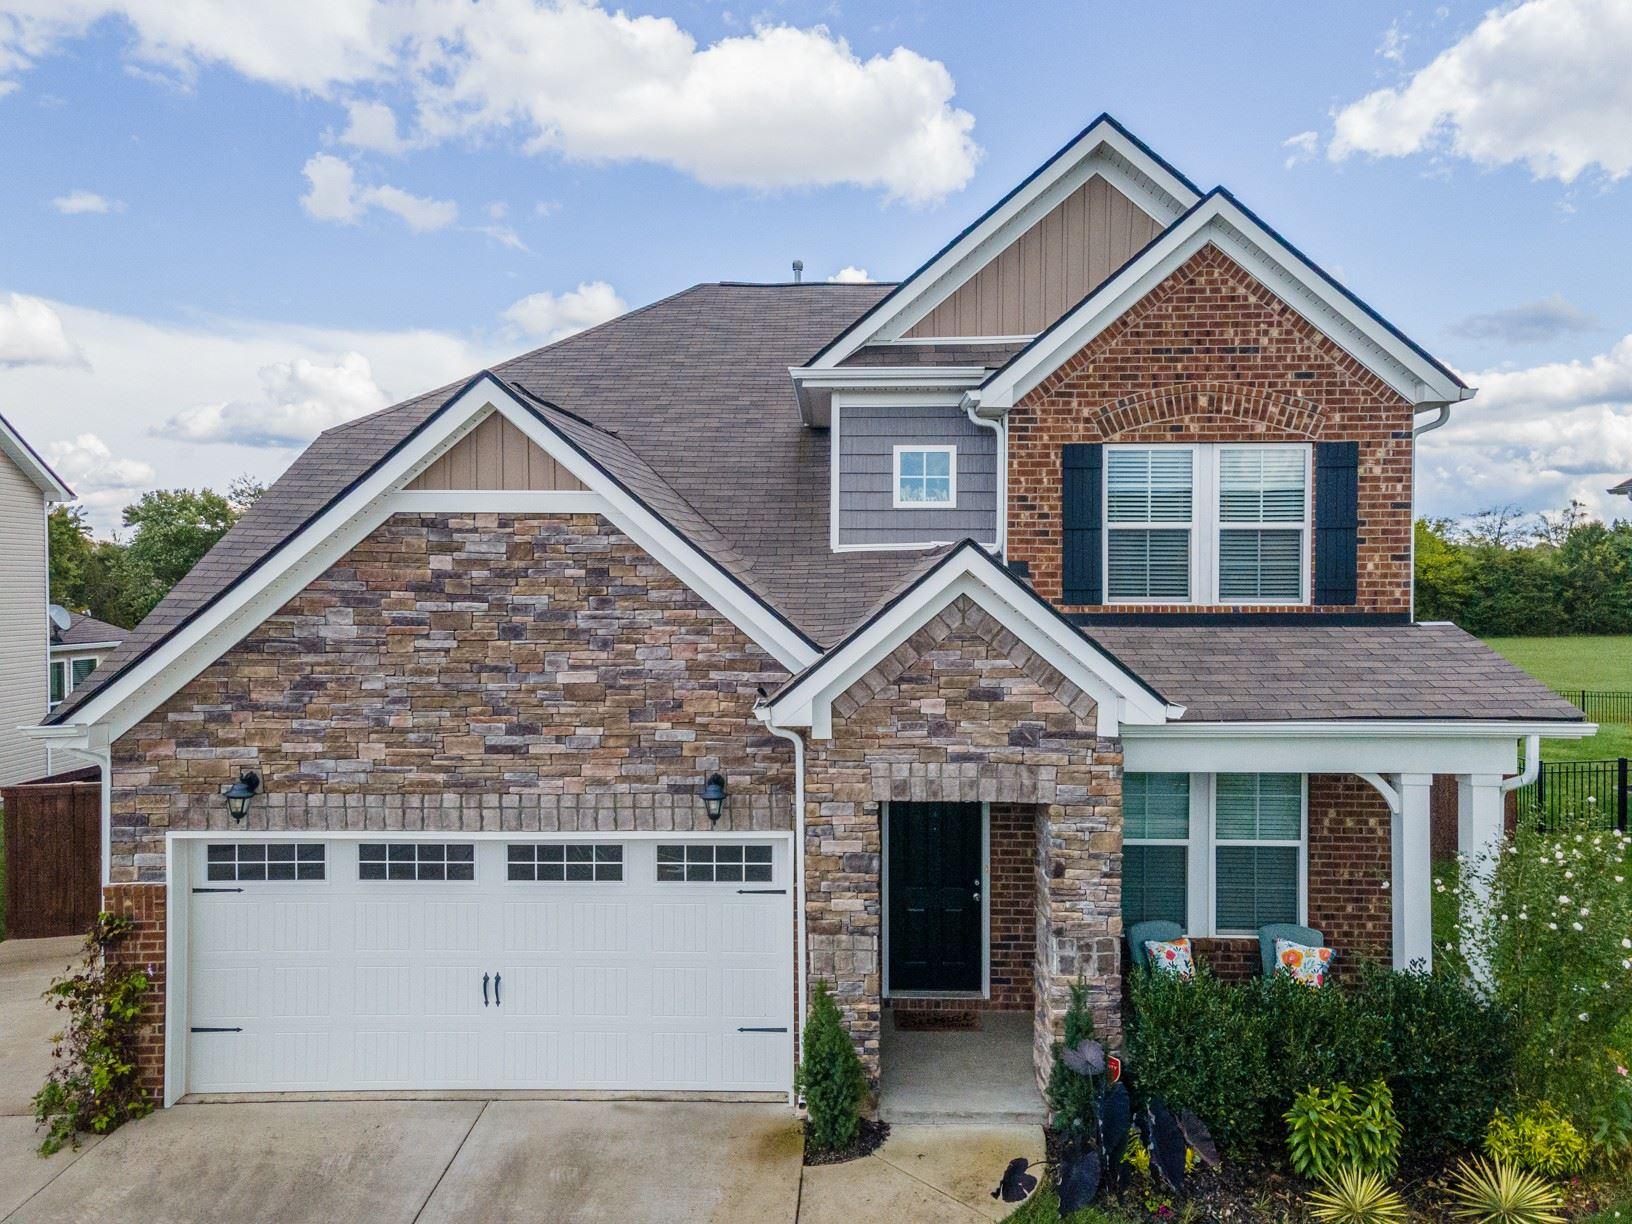 3425 Hyde Ct, Murfreesboro, TN 37128 - MLS#: 2194104